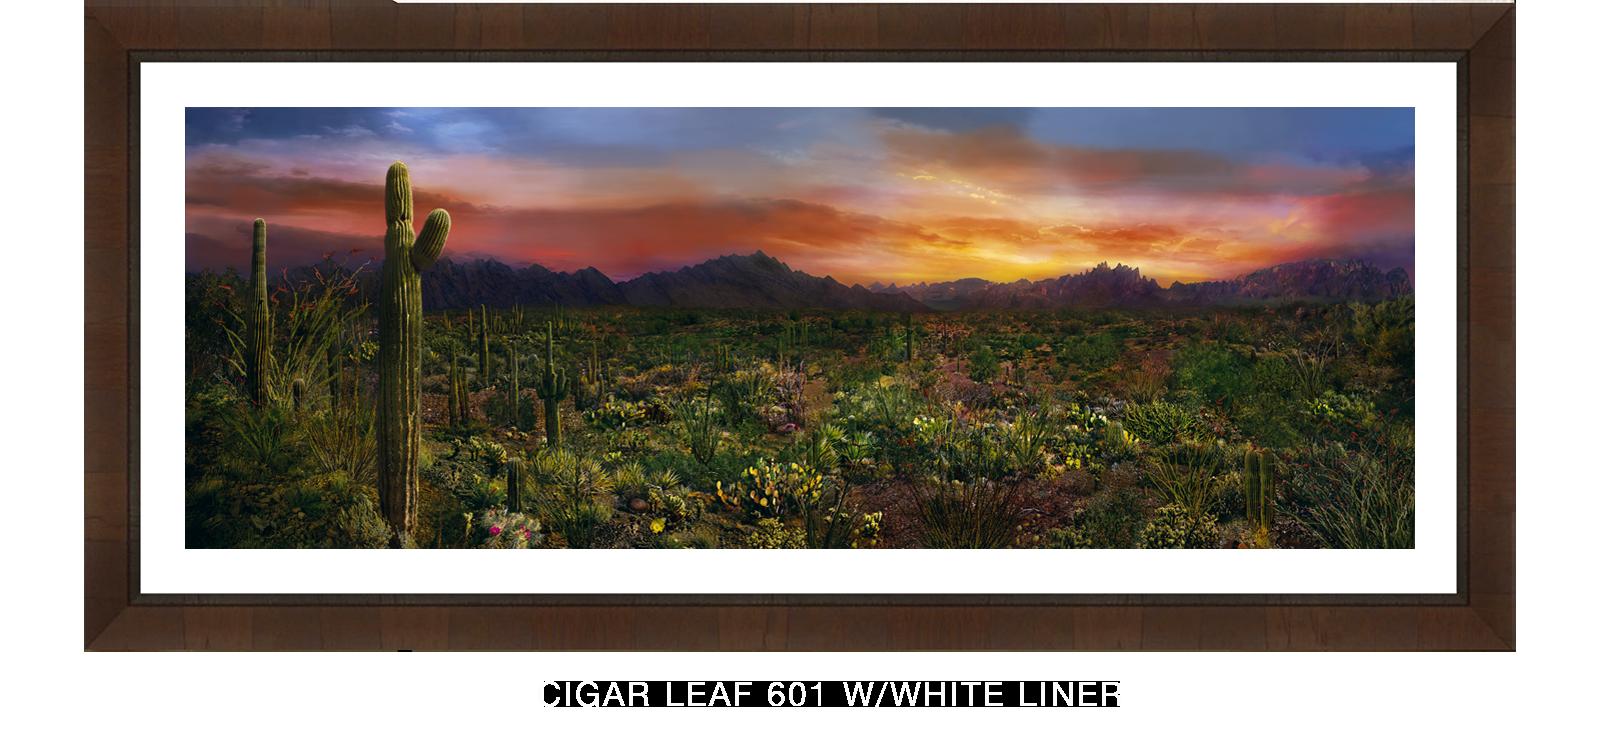 30EDEN VERNALIS Cigar Leaf 601 w_Wht Liner T